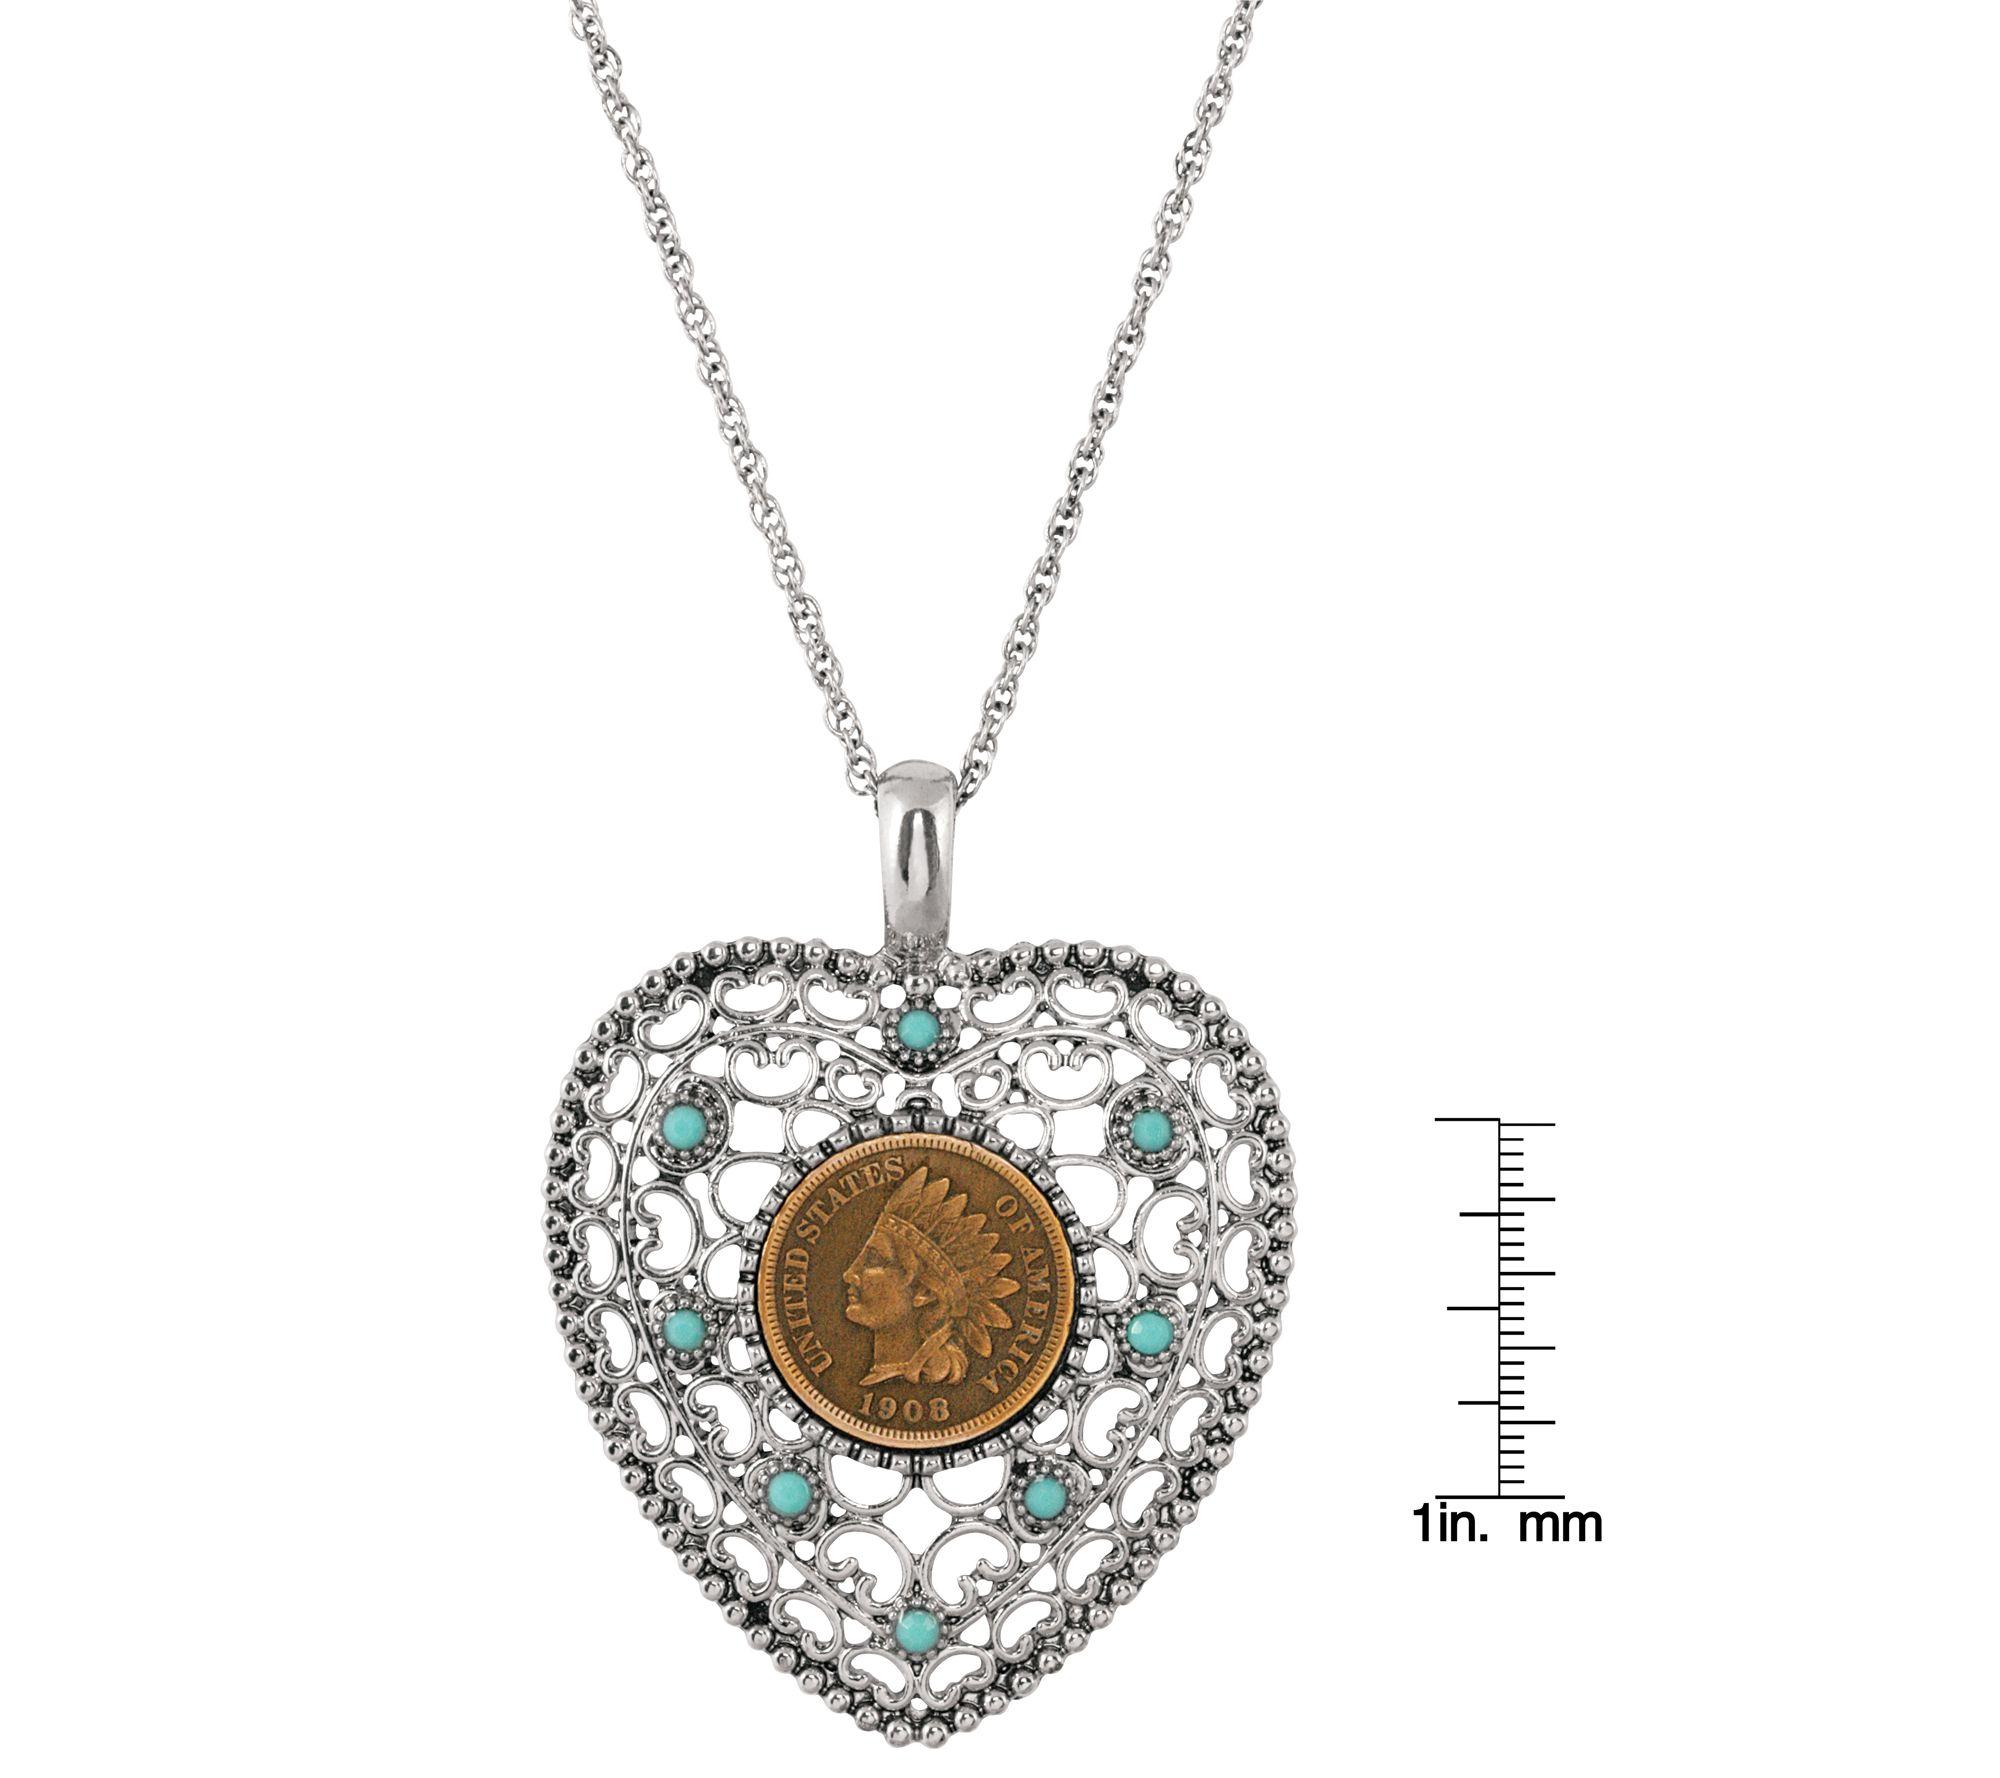 Vintage Heart Pendant /& Chain Plus Vintage Heart Pendant